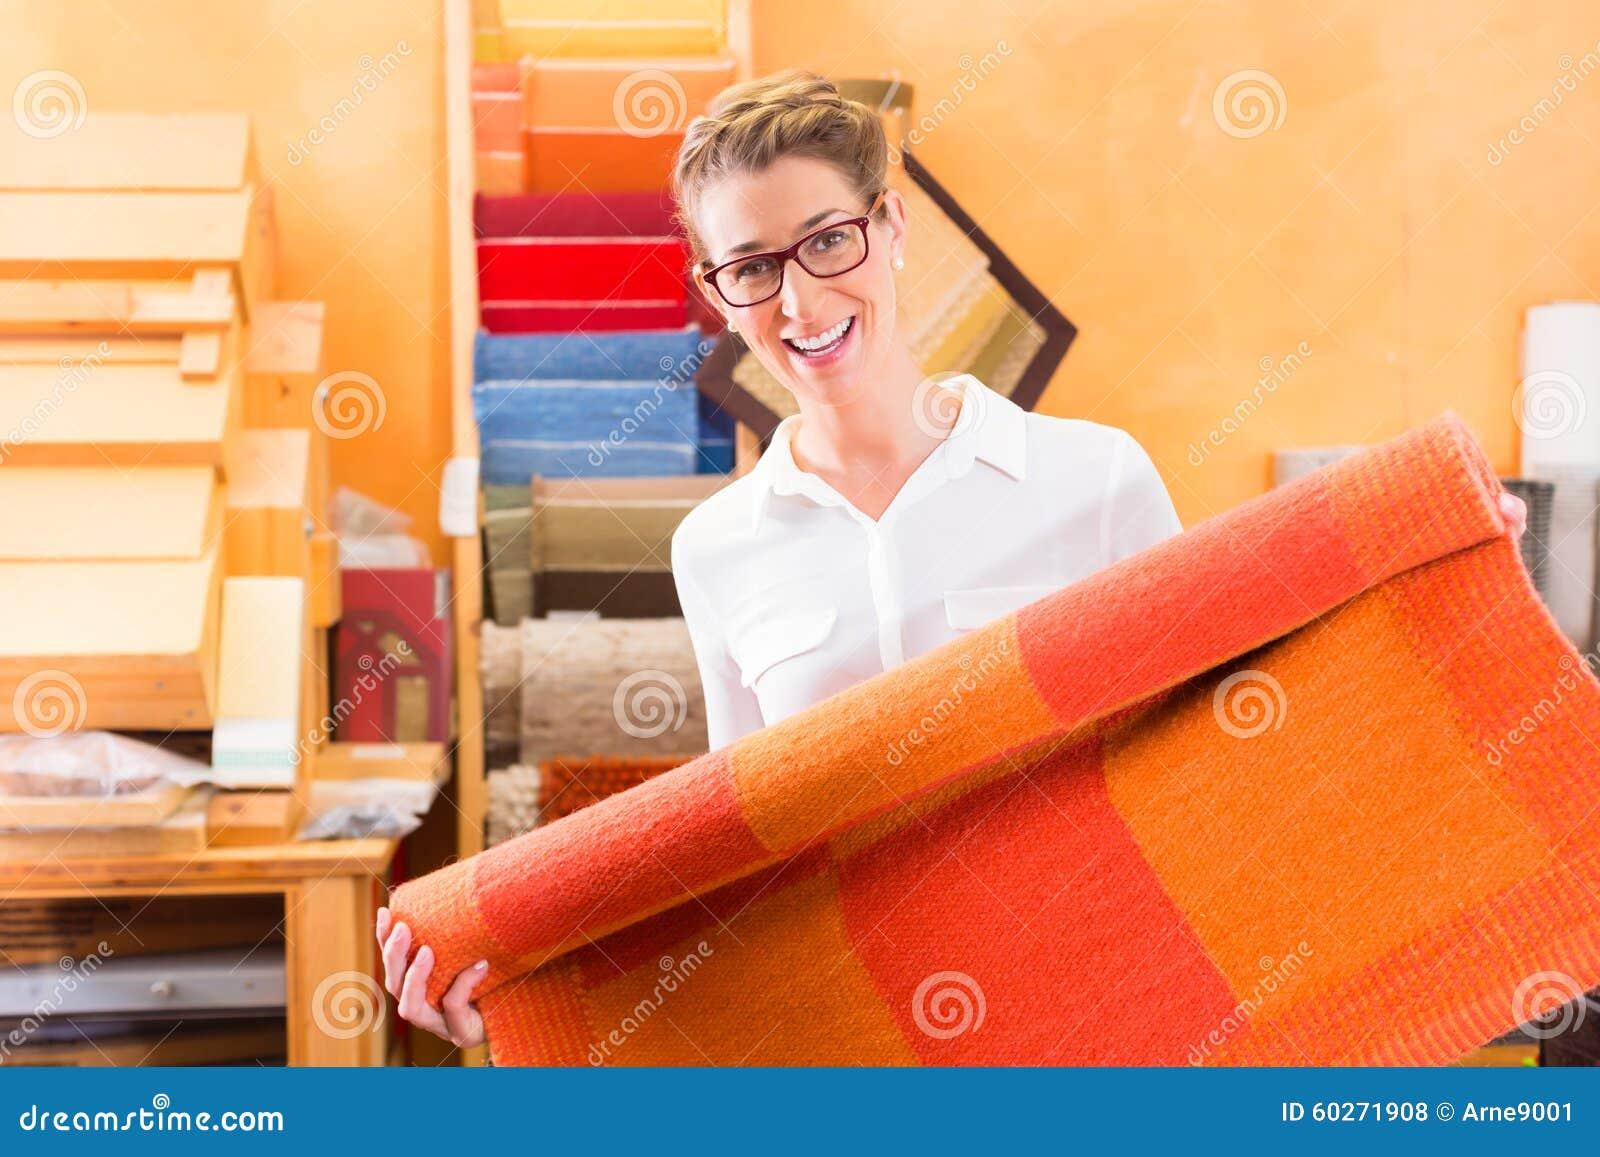 Tapete de compra ou forramento com tapetes do designer de interiores